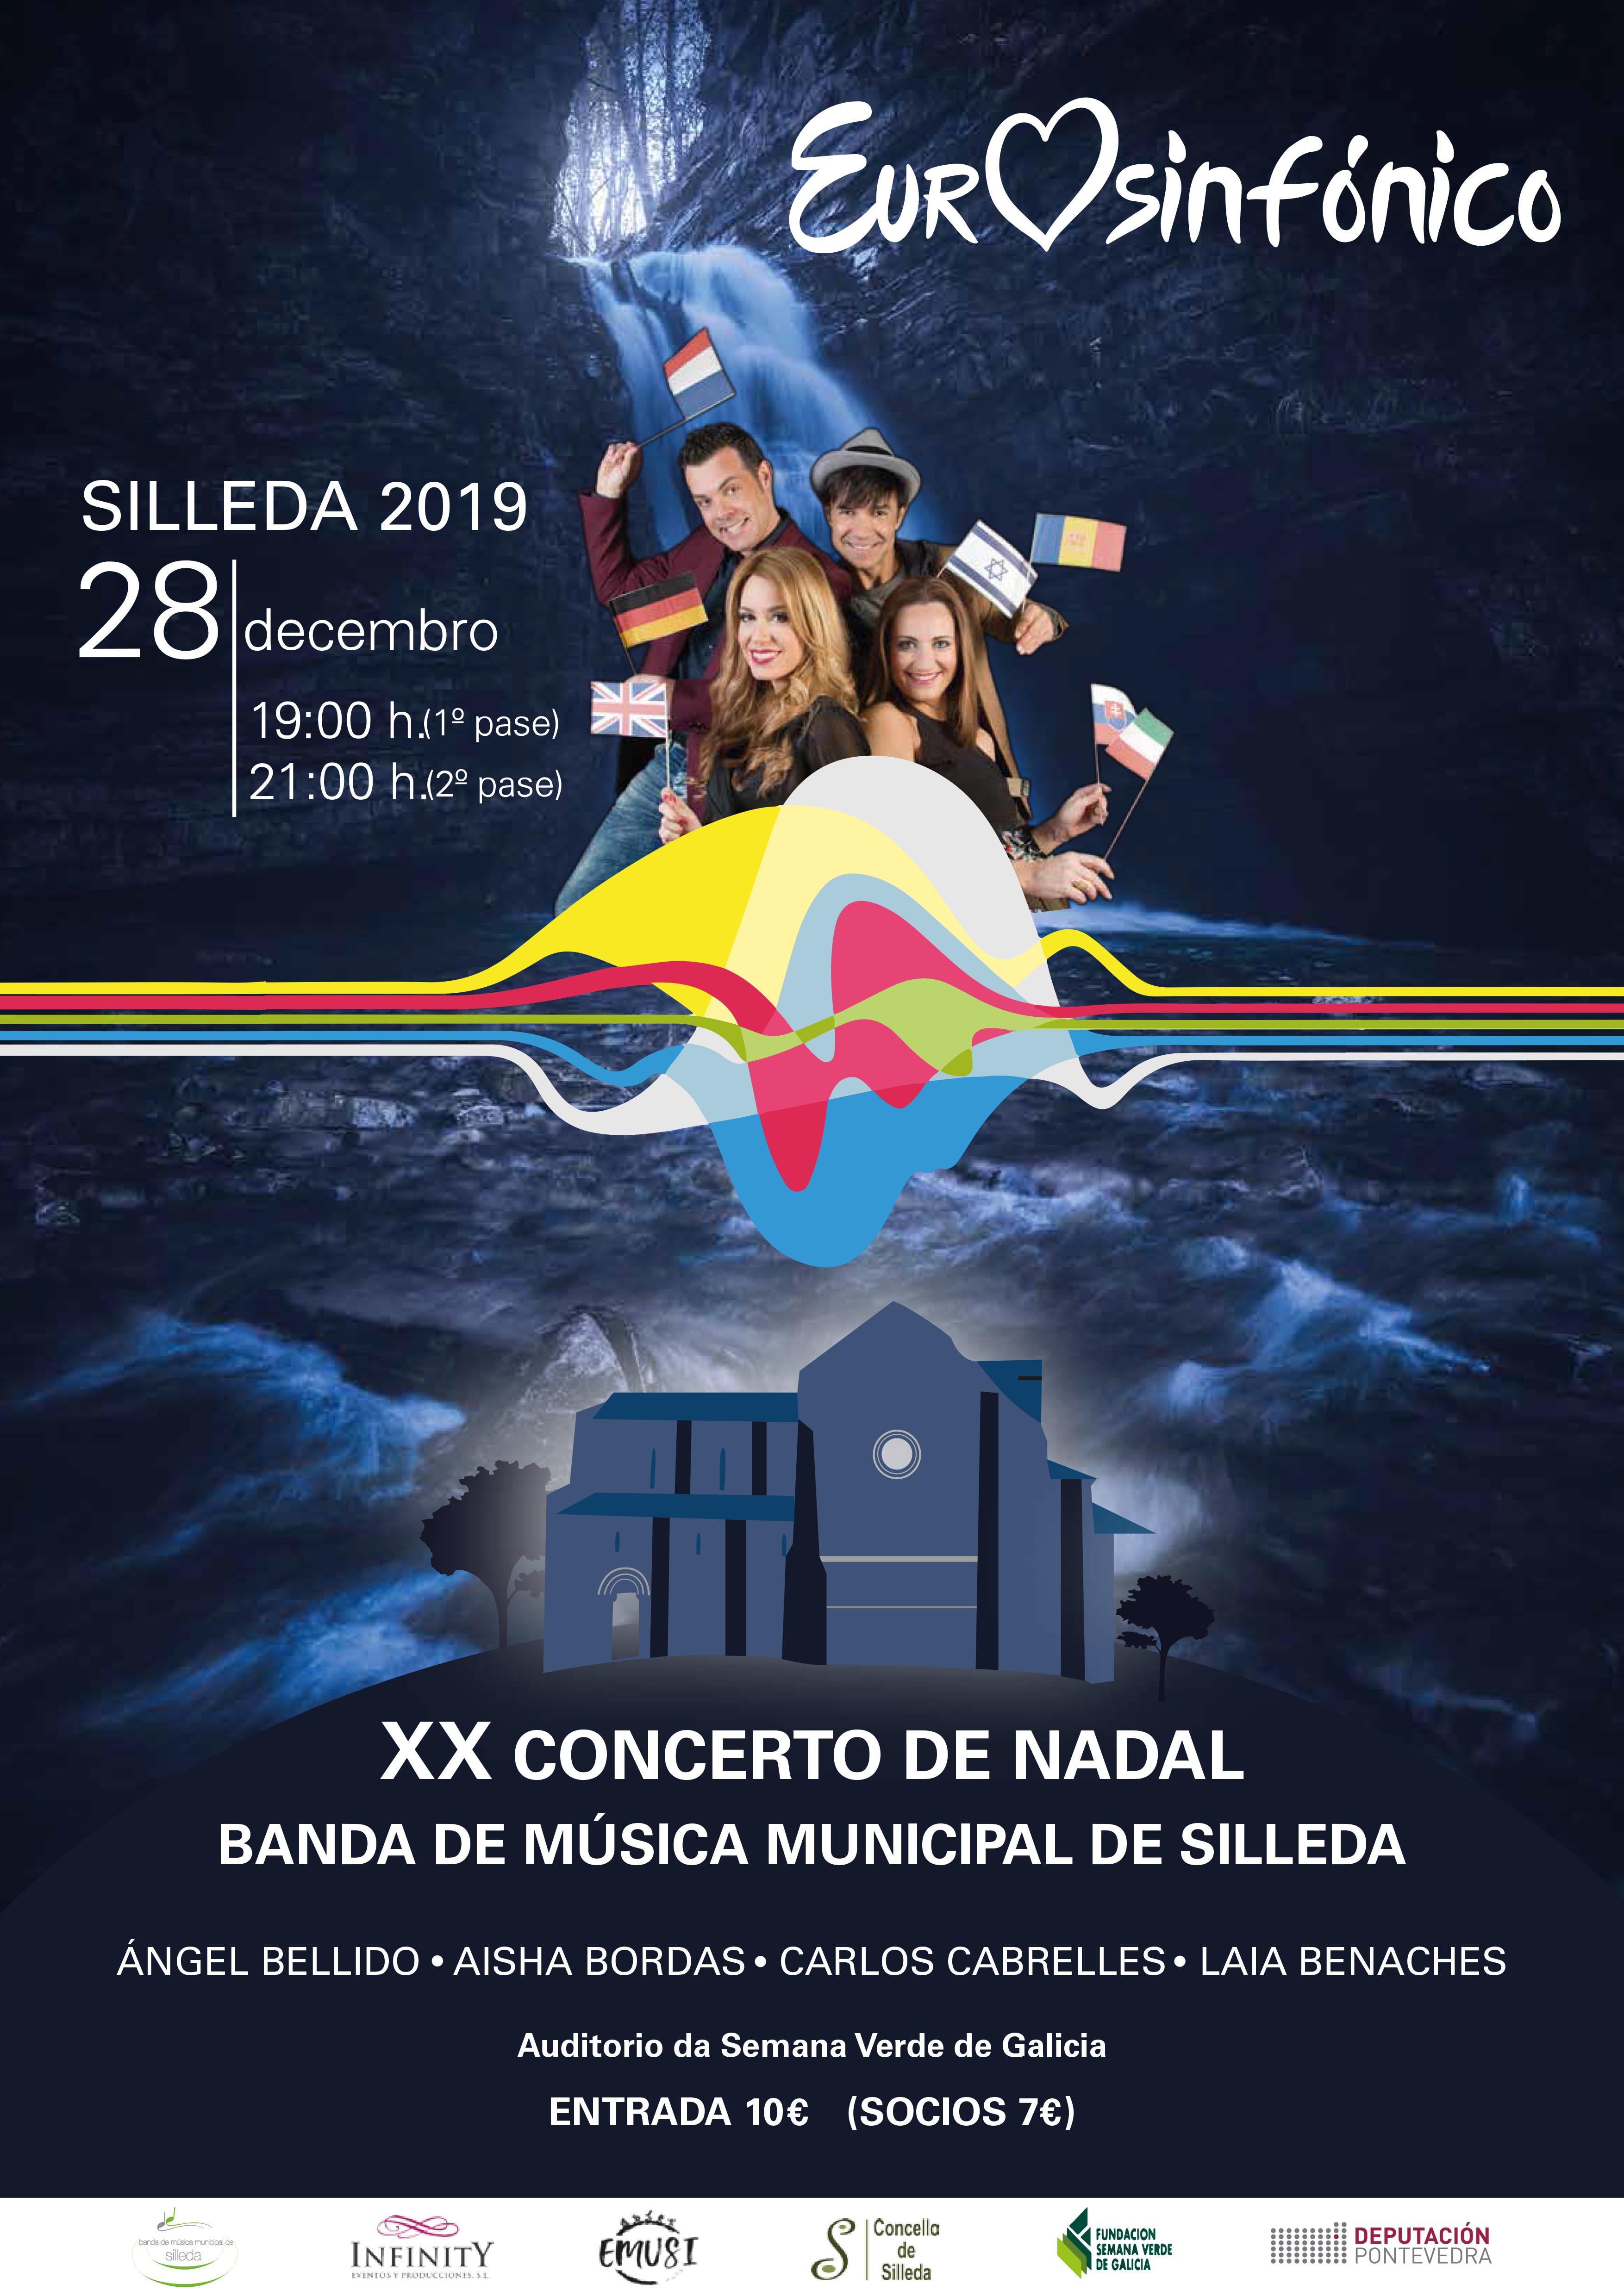 Eurovisión, protagonista do XX Concerto de Nadal da Banda de Música Municipal de Silleda